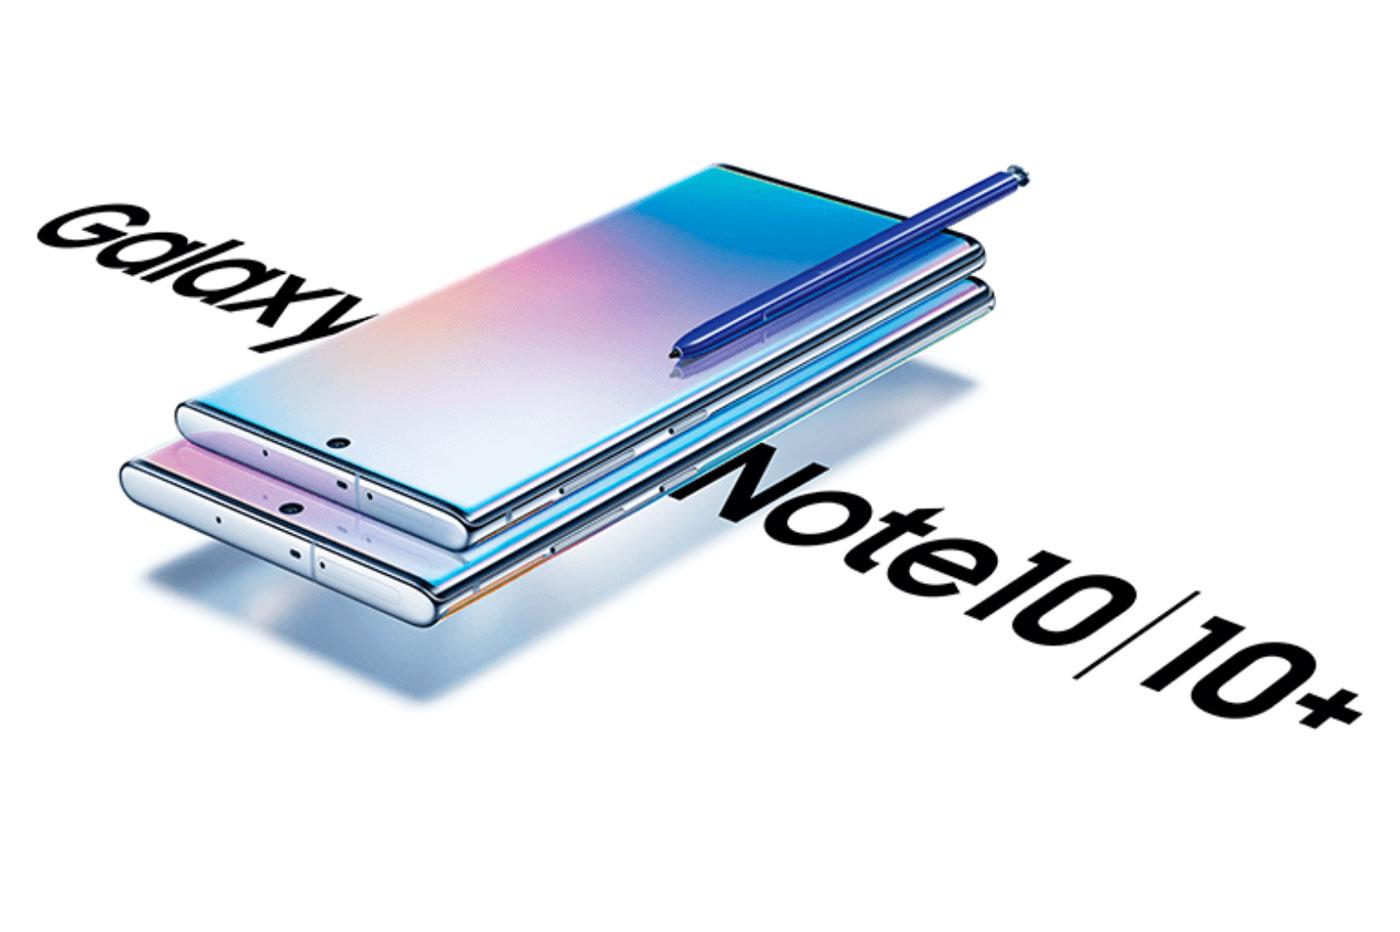 Chuyện hiếm gặp: Samsung sử dụng pin do LG cung cấp trên Galaxy Note 10